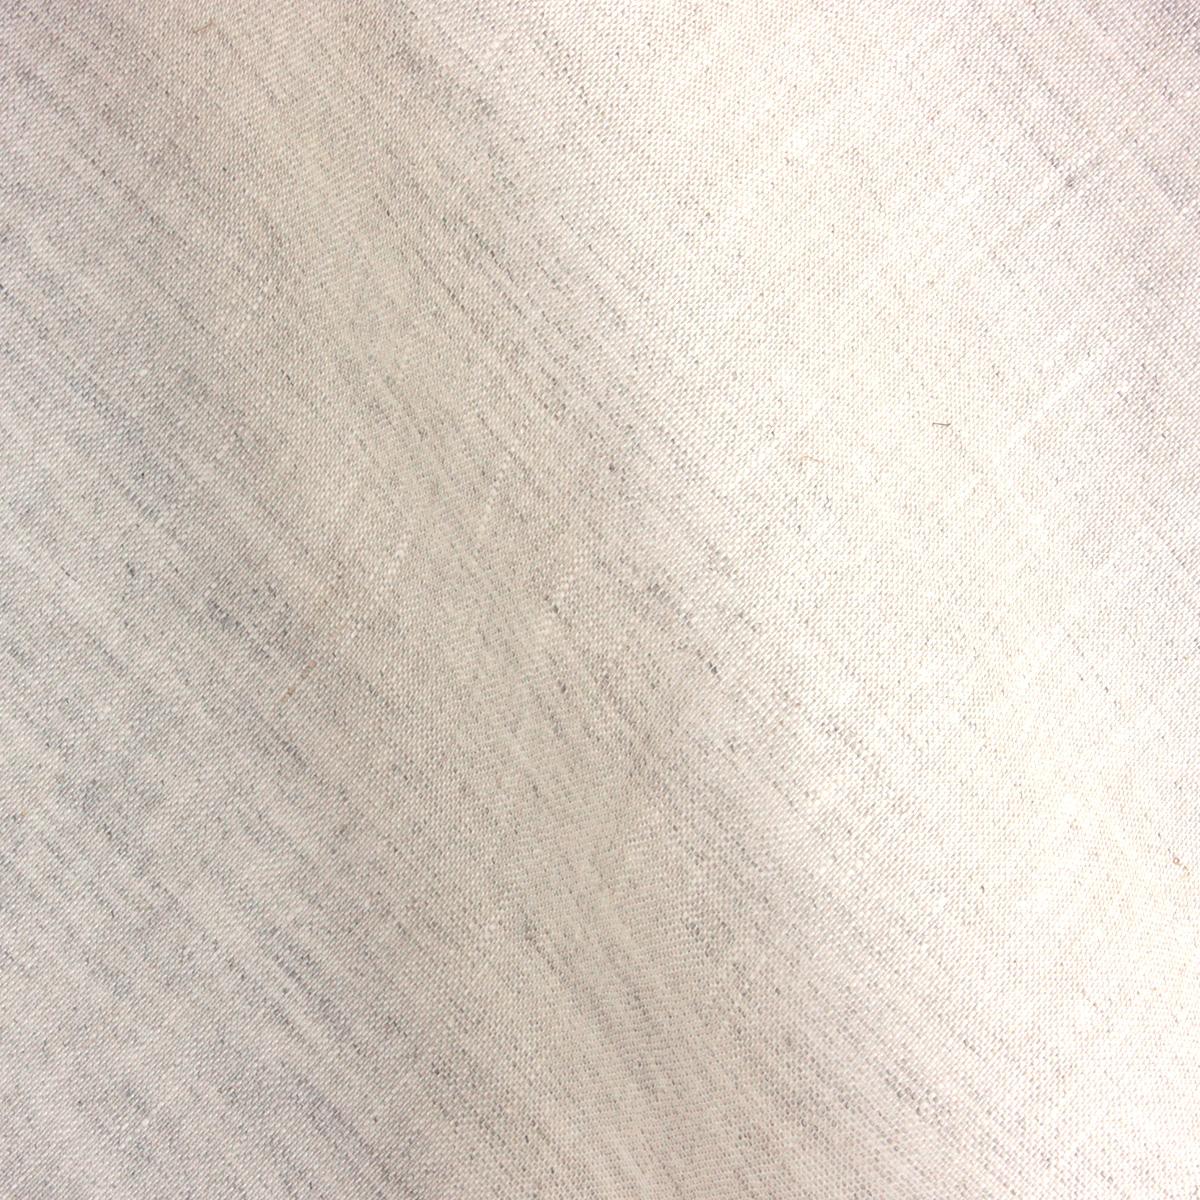 Cadeauya【てぬぐい/ フェイスタオル】手ぬぐい ピュアリネン 生成り 無地 33×91cm